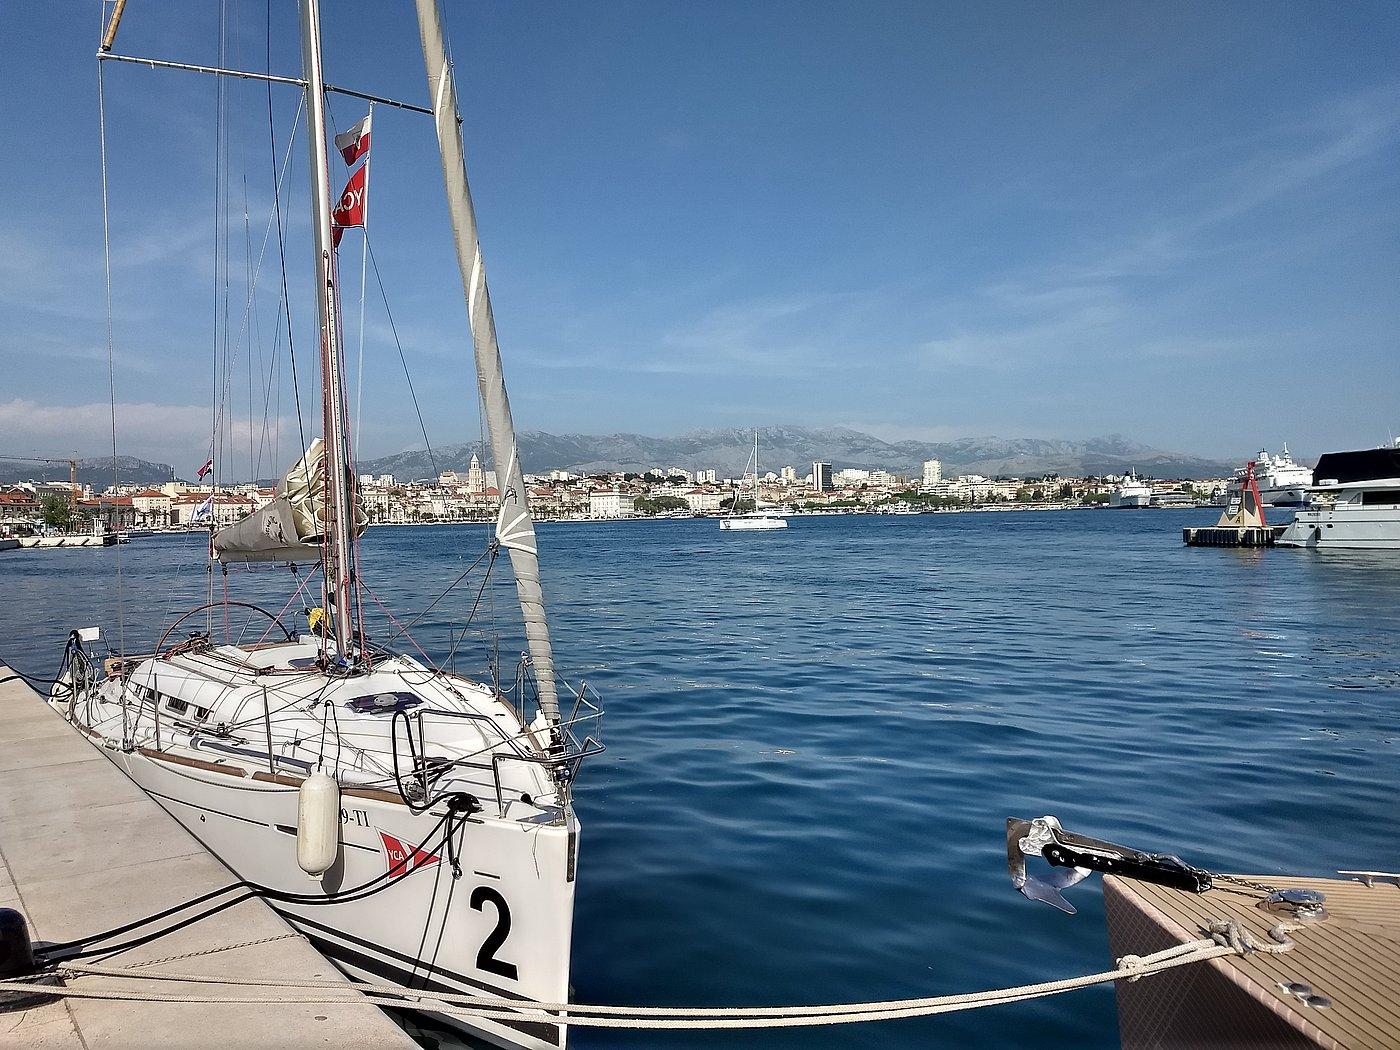 Fest vertäut im Stadthafen von Split, ein kurzer Besuch beim eindrucksvollen Palast des Diokletian und ein Eis oder ein Burek winken